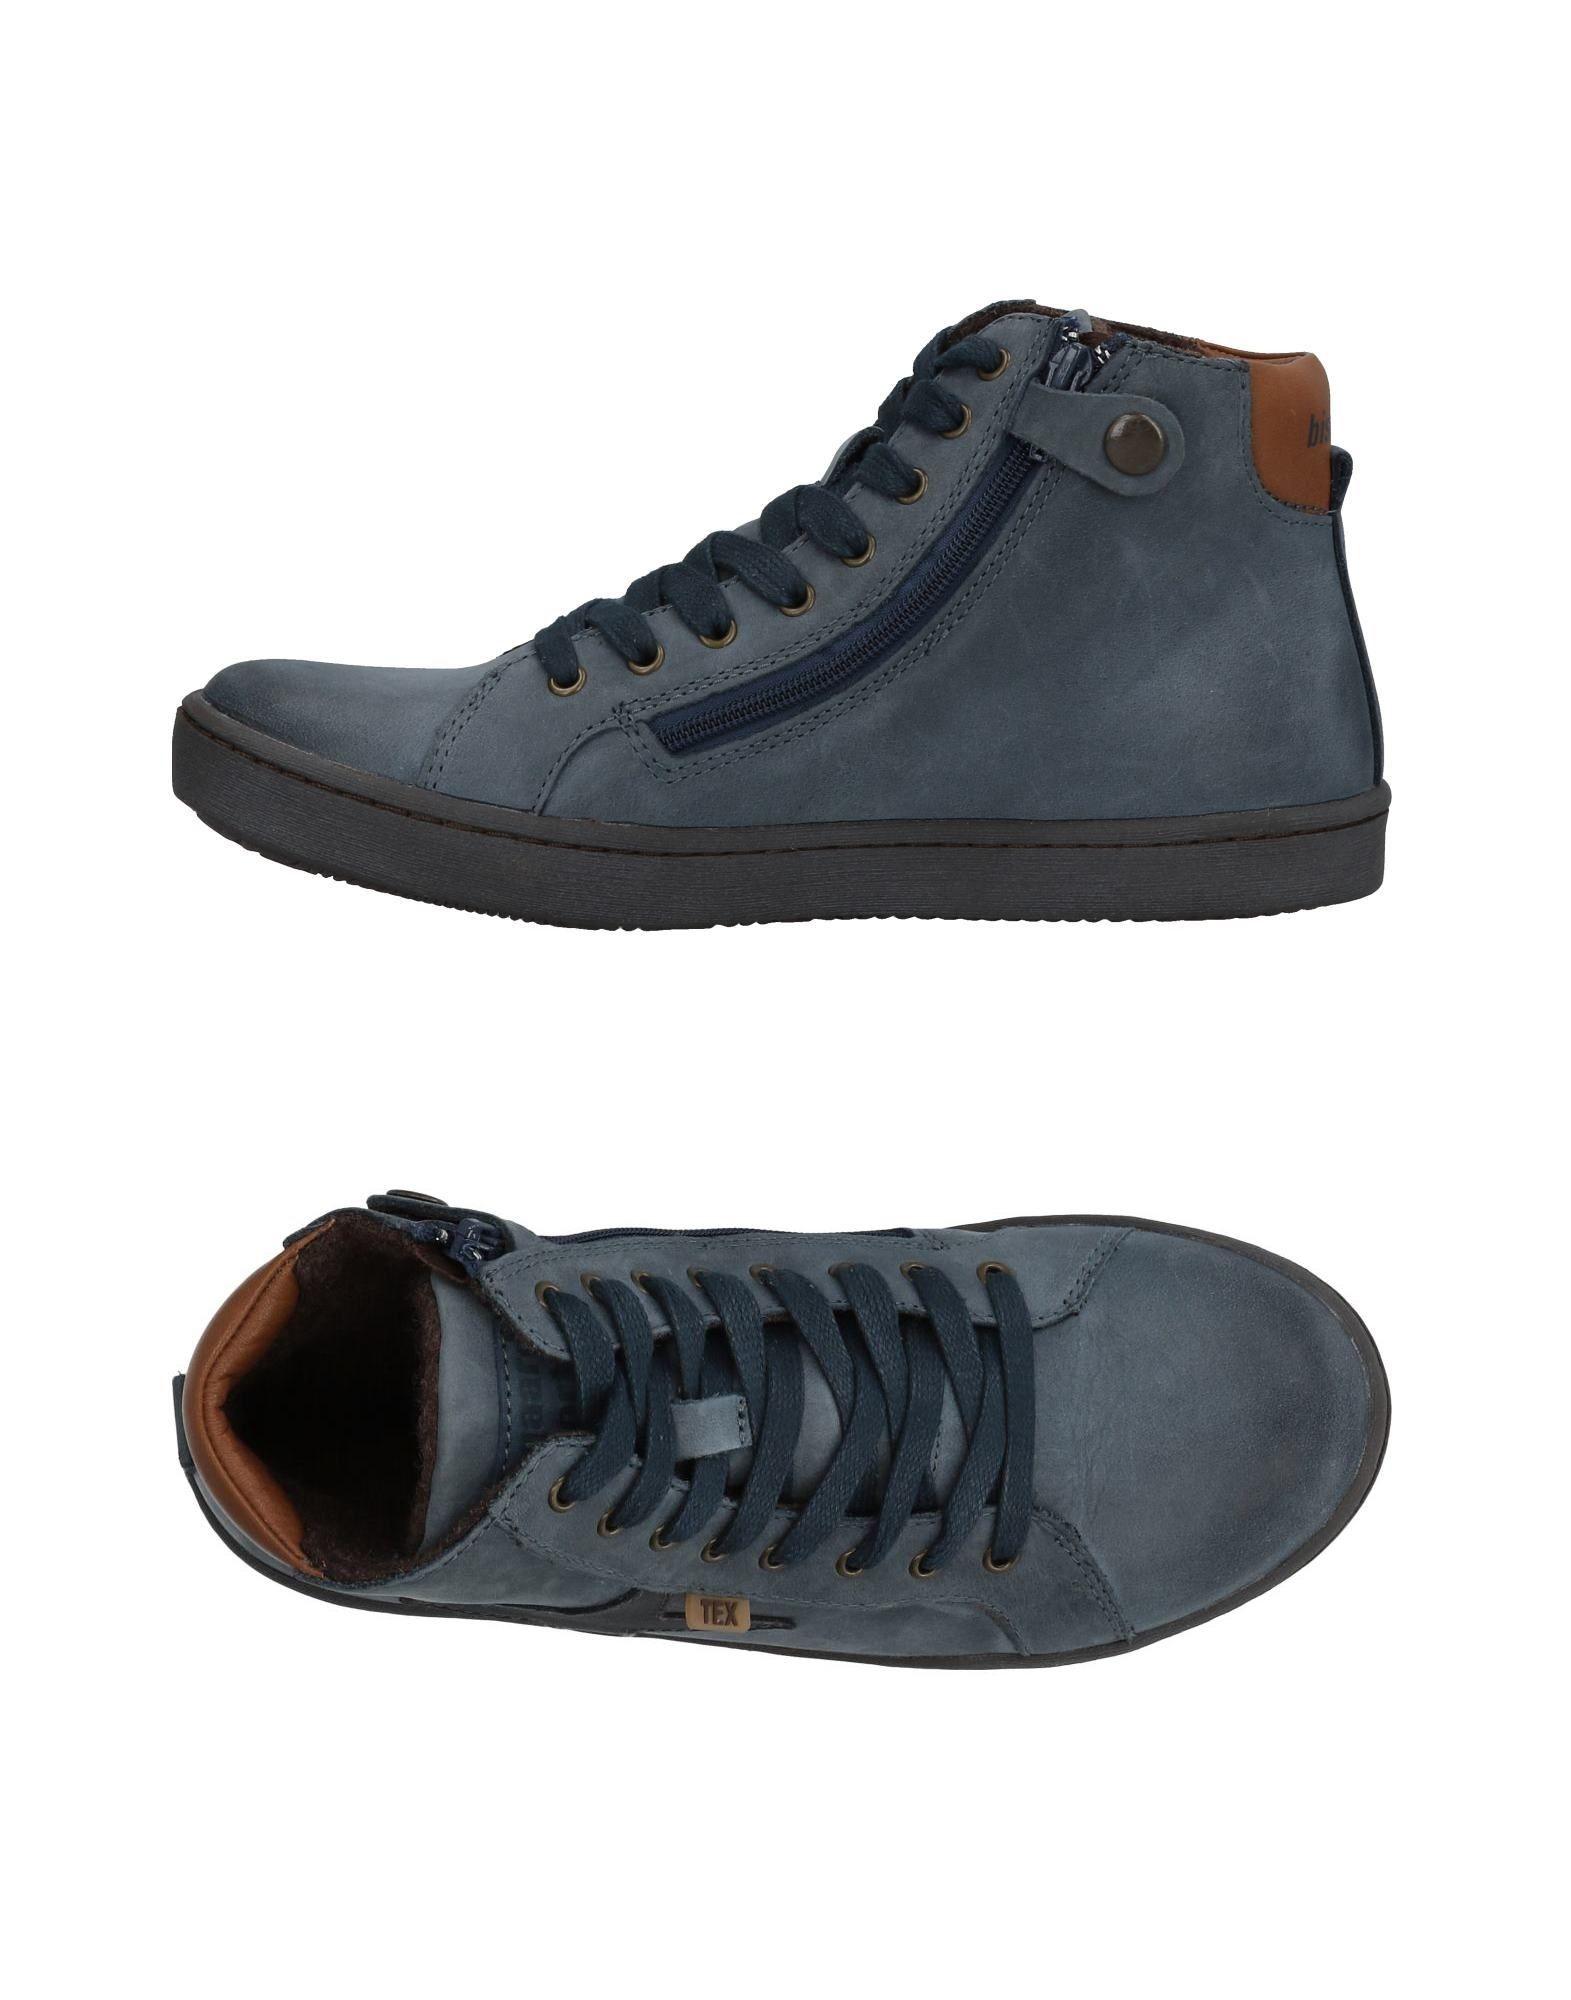 BISGAARD Высокие кеды и кроссовки pierre hardy высокие кеды и кроссовки